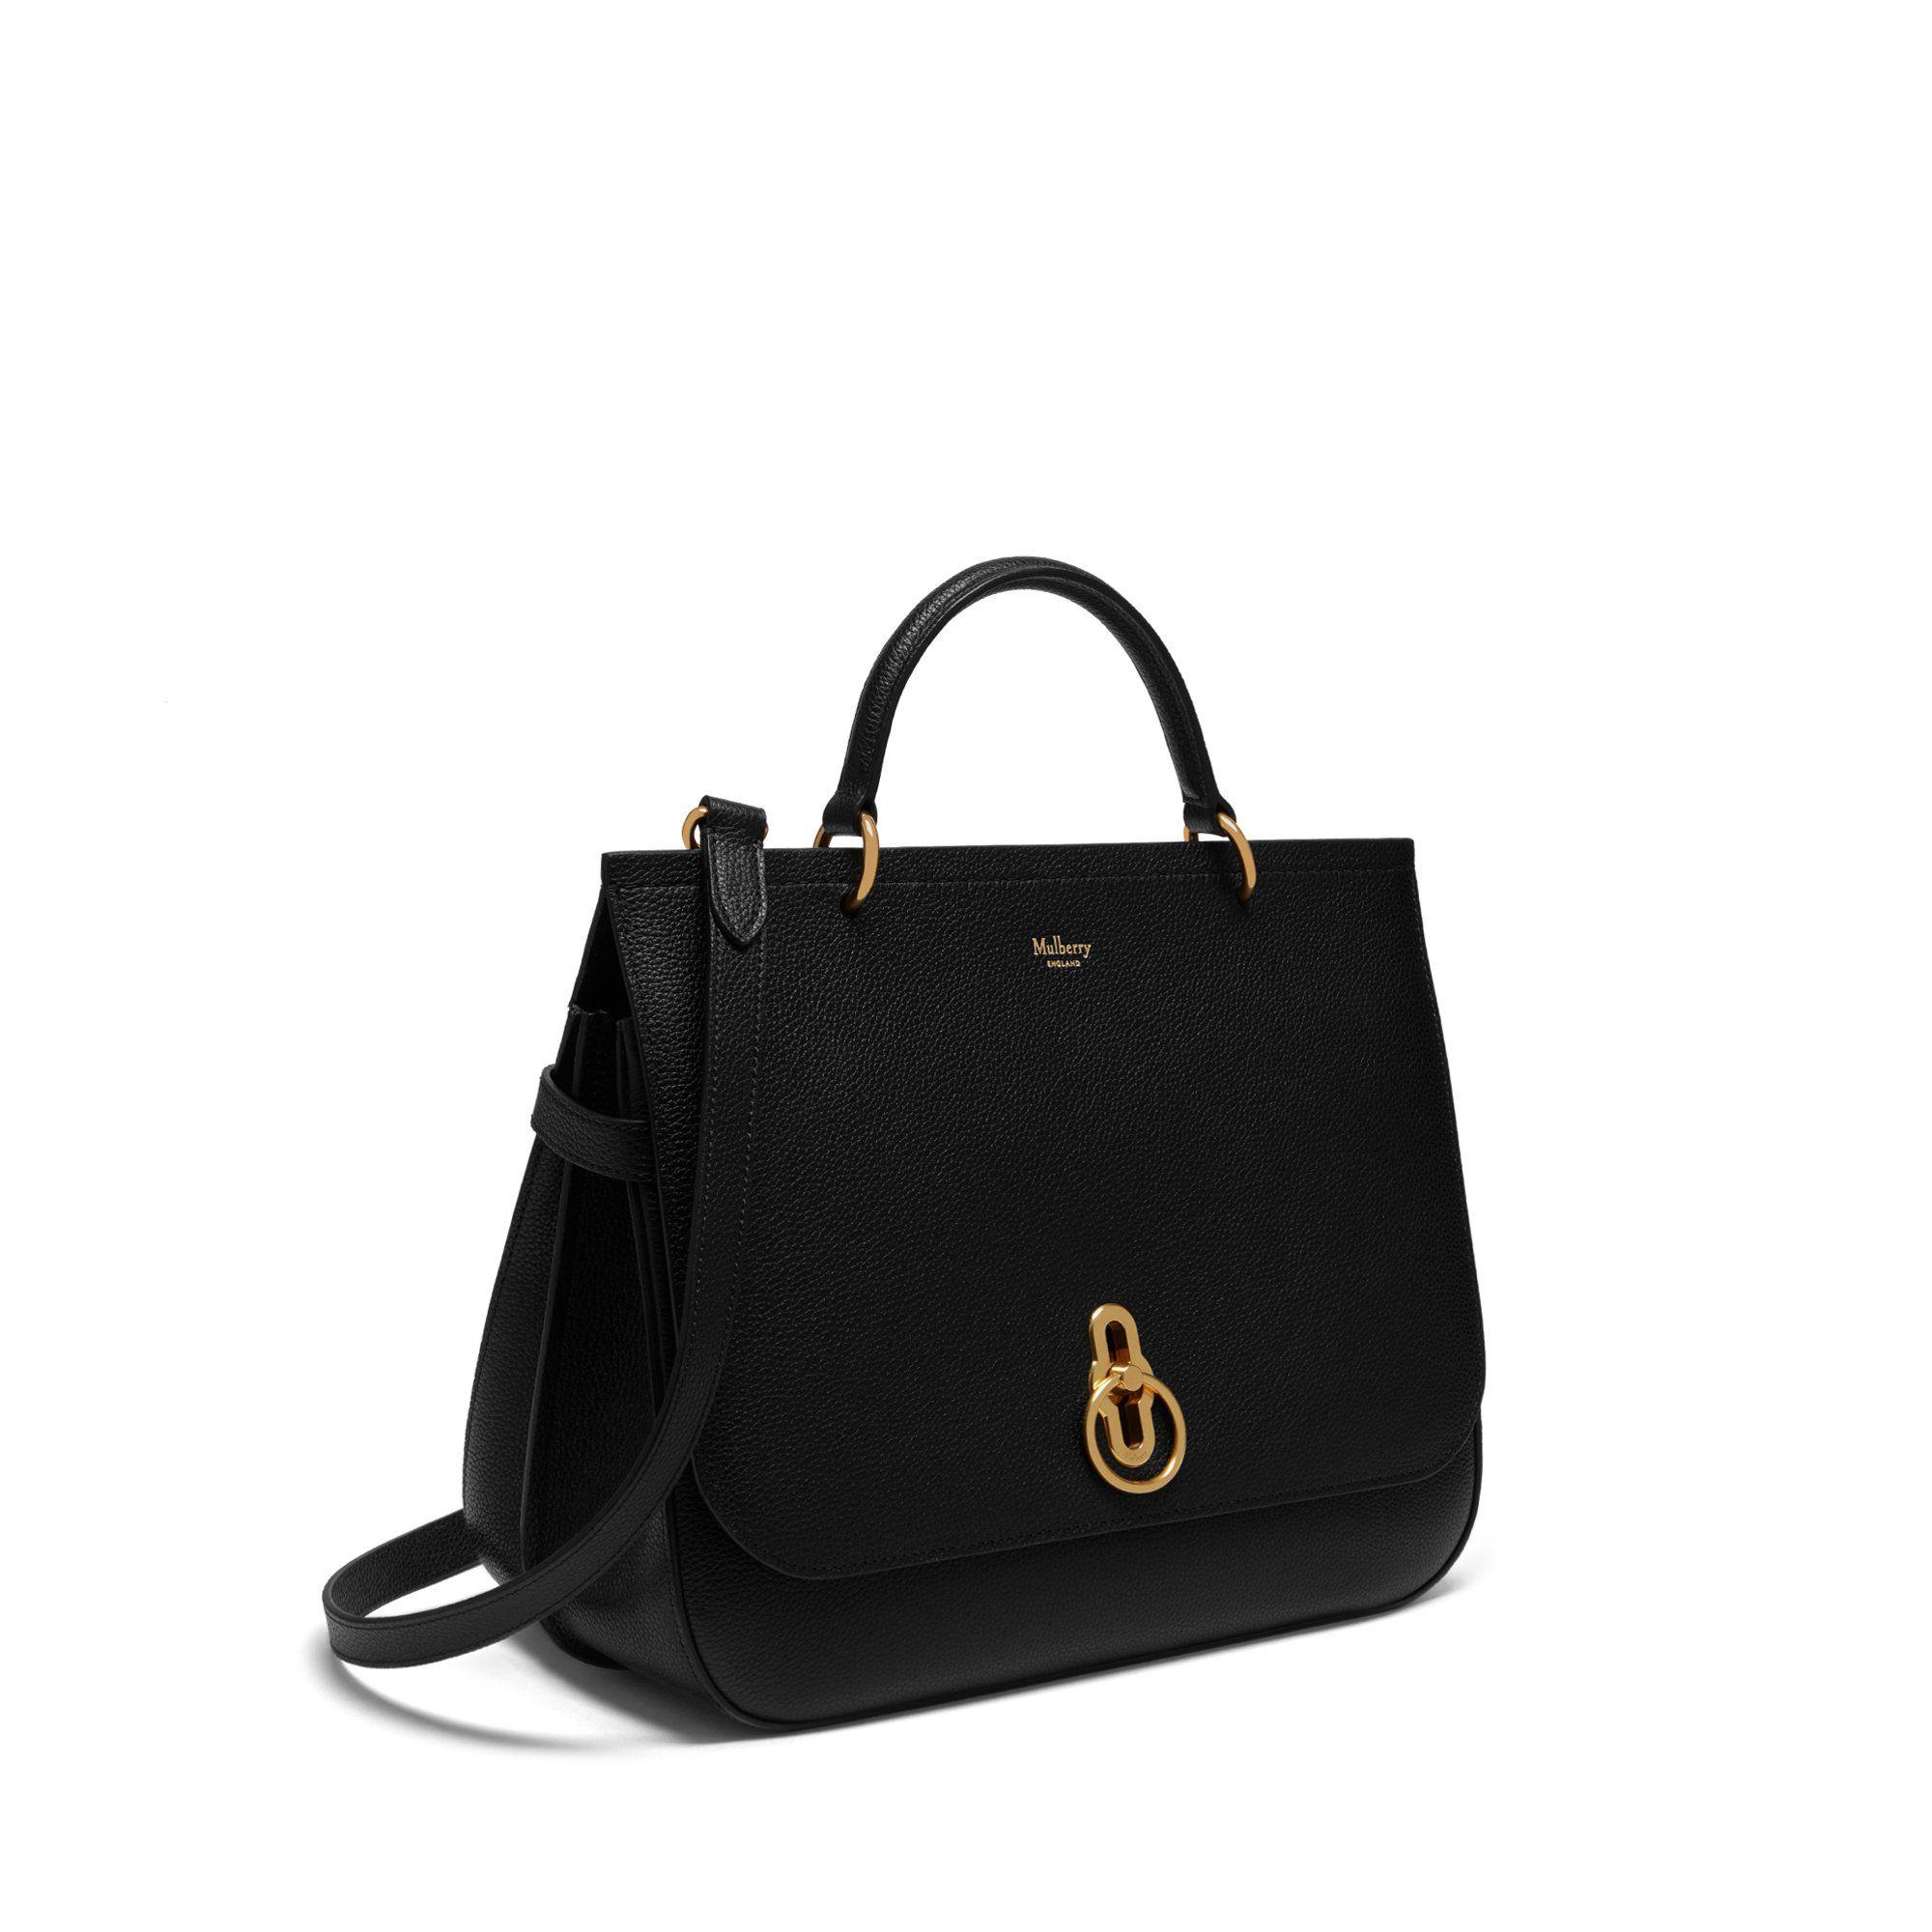 Bags Women's Mulberry Shoulder Women Shoulder Bags 7qxznUU